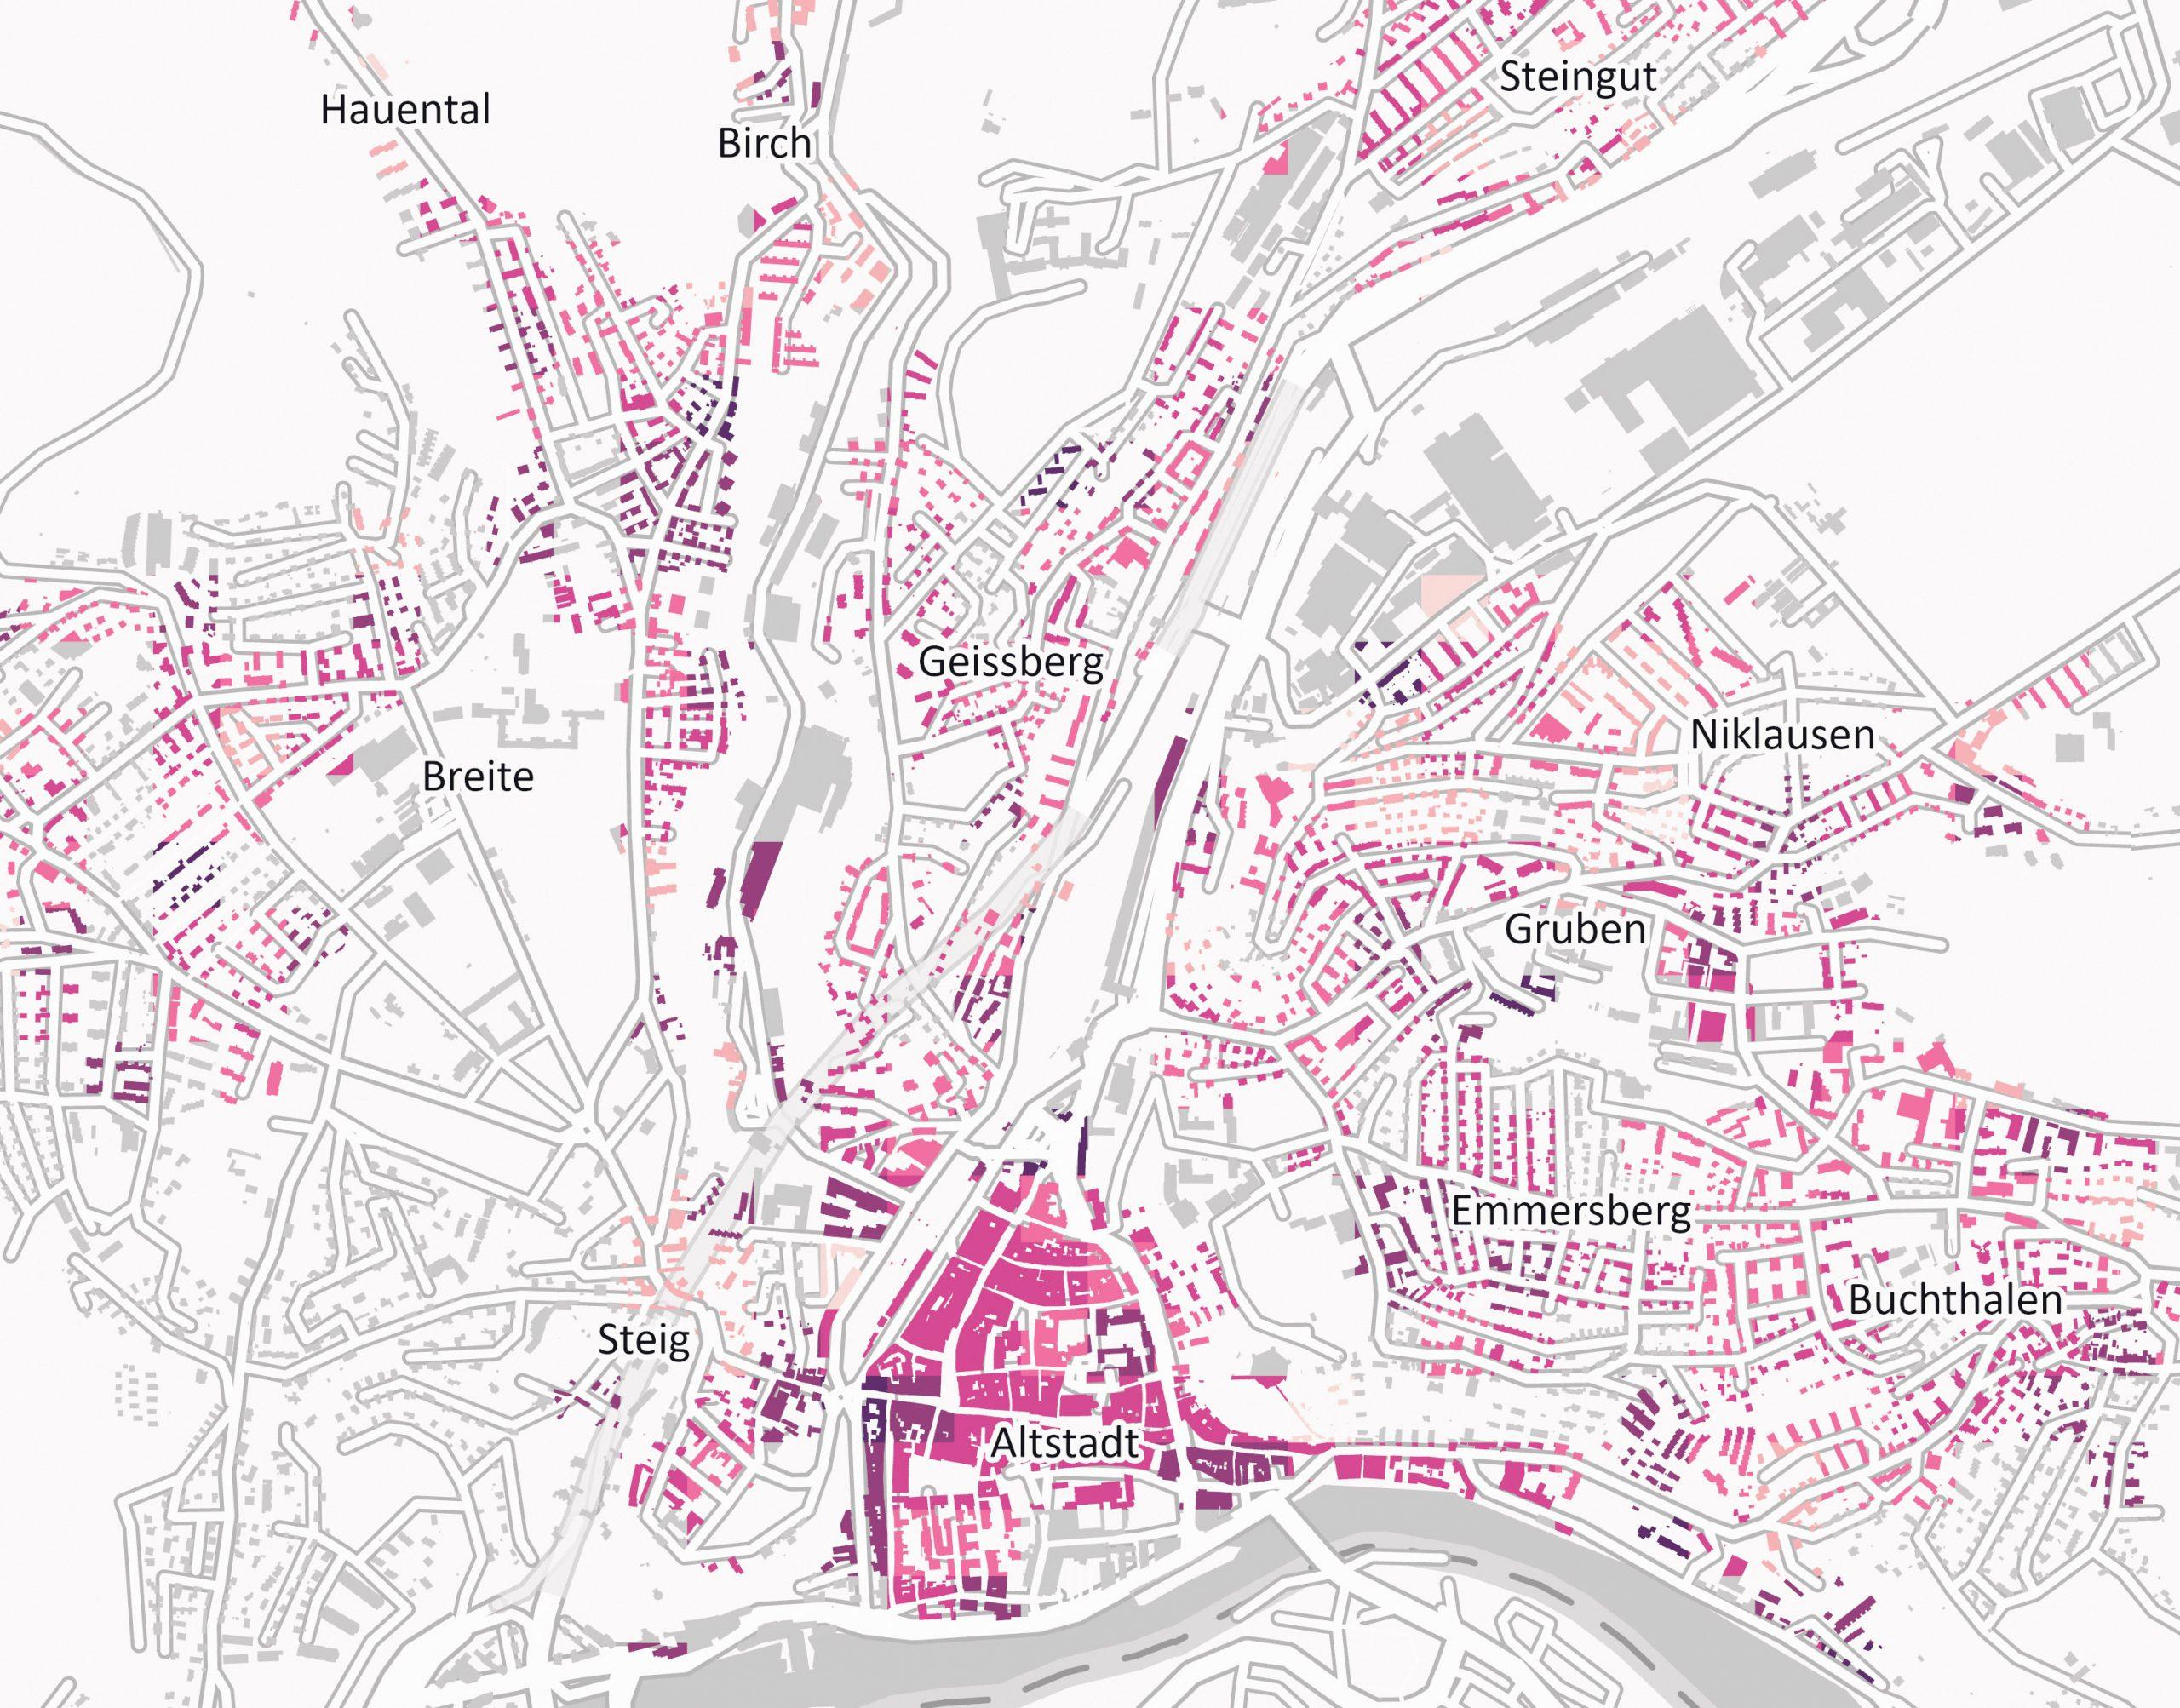 Geodaten: Kanton Schaffhausen, Esri, HERE, Garmin, INCREMENT P, METI/NASA, USGS